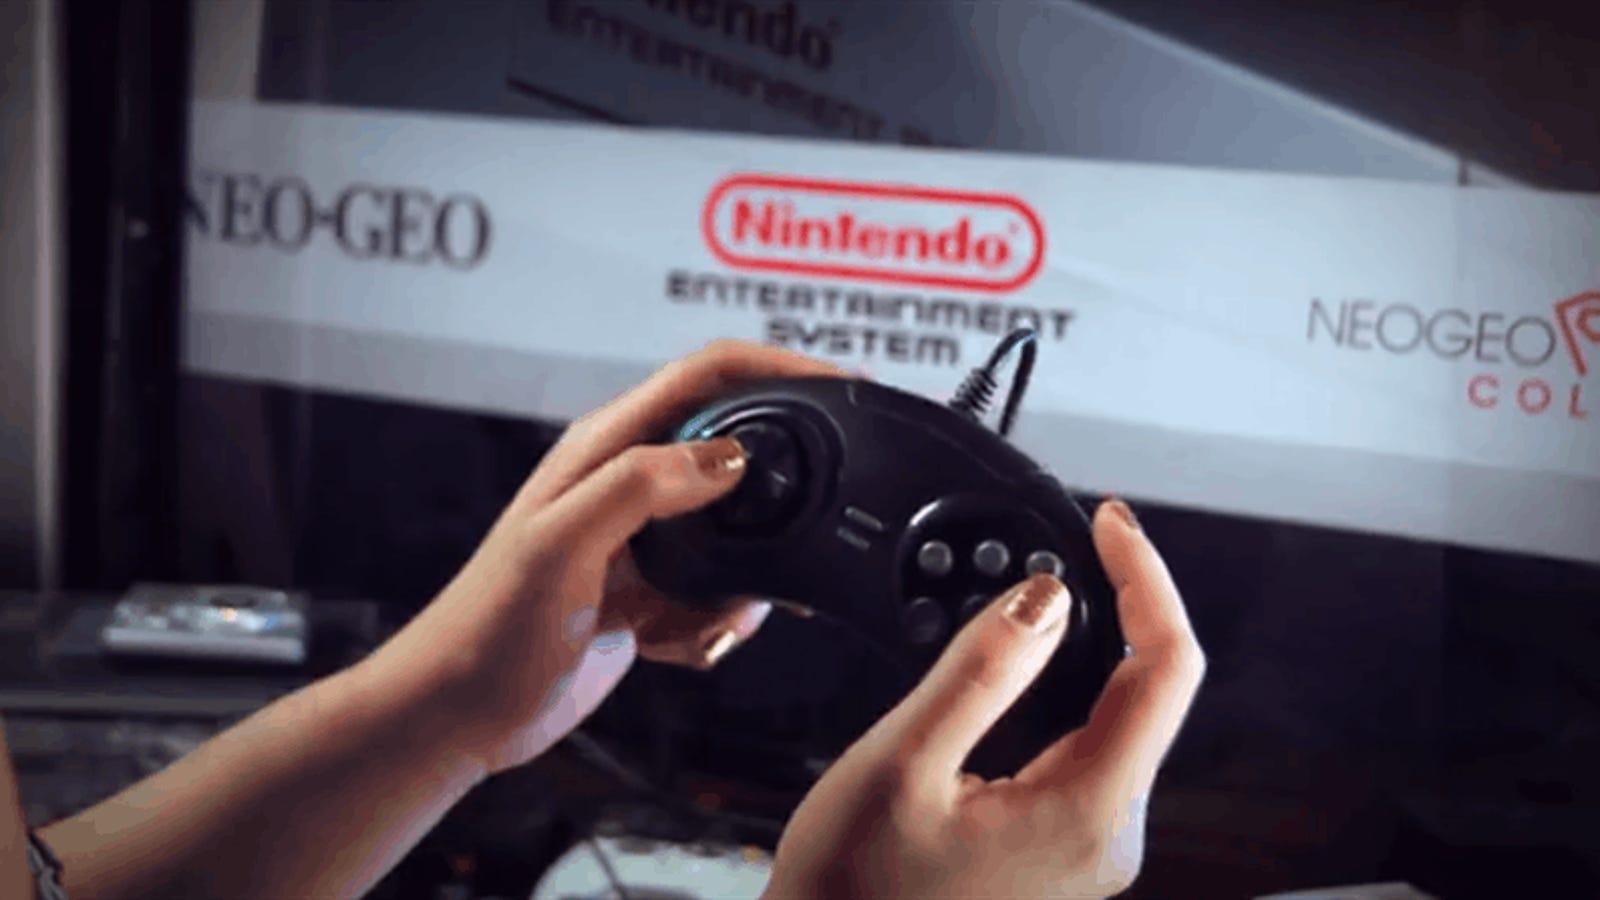 Con esta mini consola retro puedes jugar a 28 sistemas diferentes, incluyendo Nintendo 64 y Neo Geo